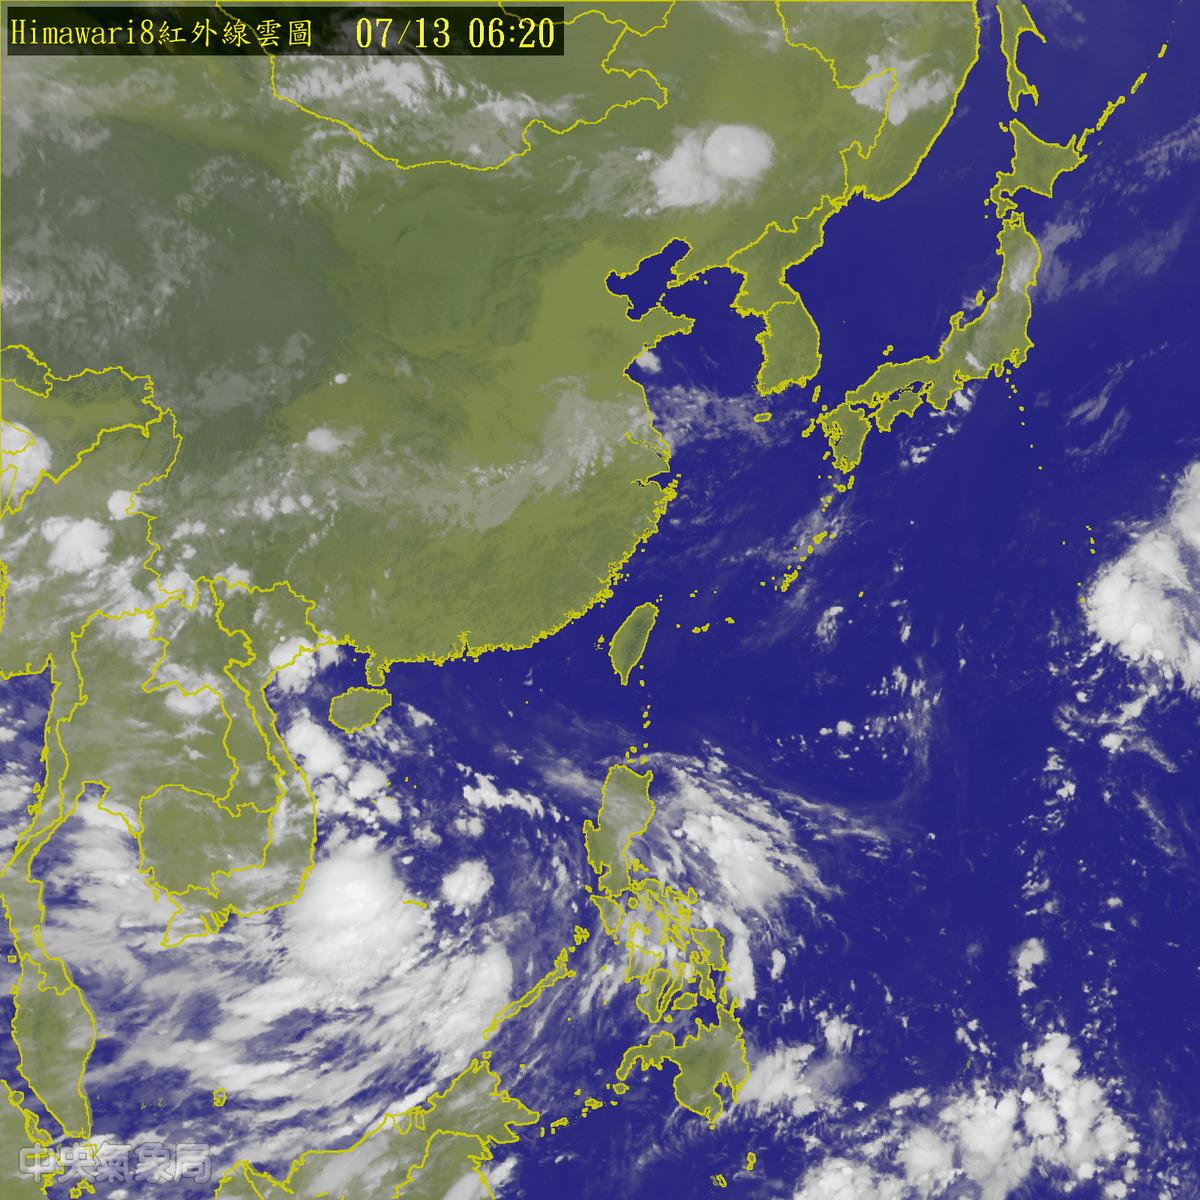 衛星雲圖。(圖/中央氣象局)